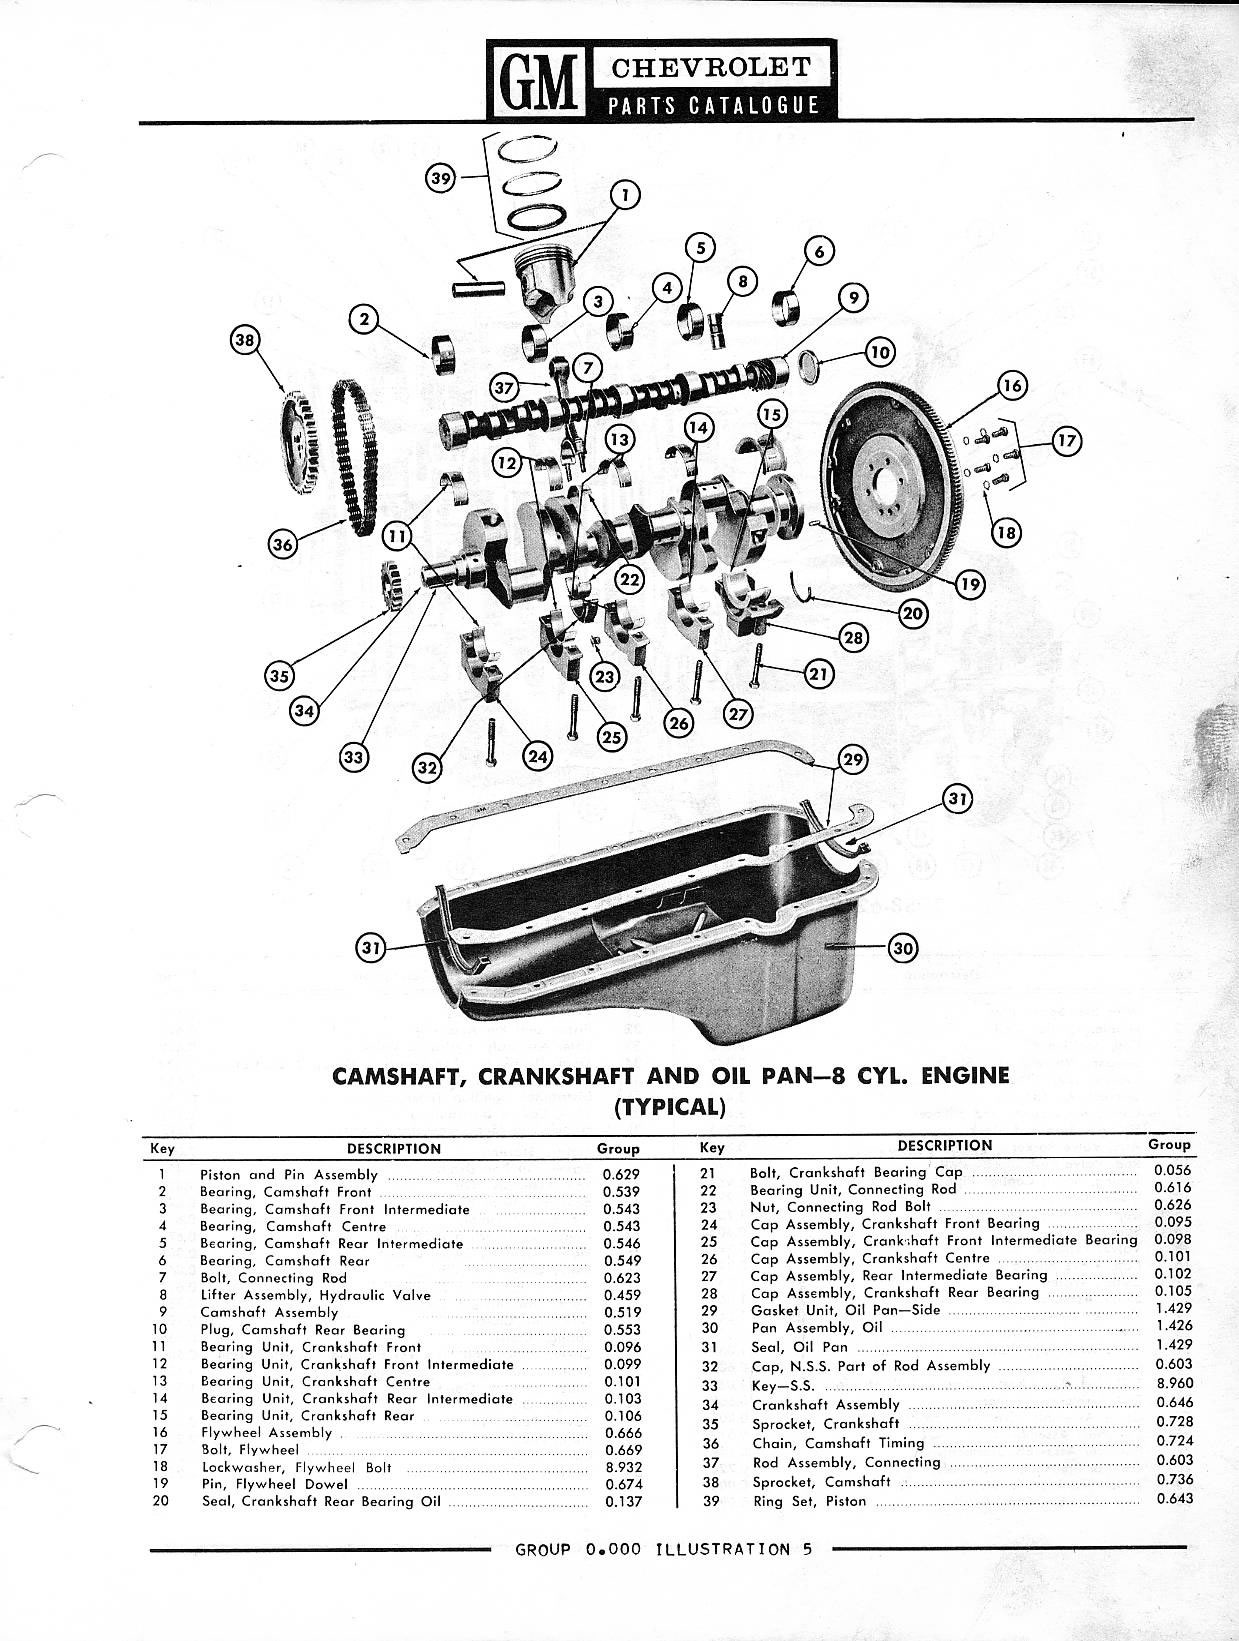 1958 chevrolet parts